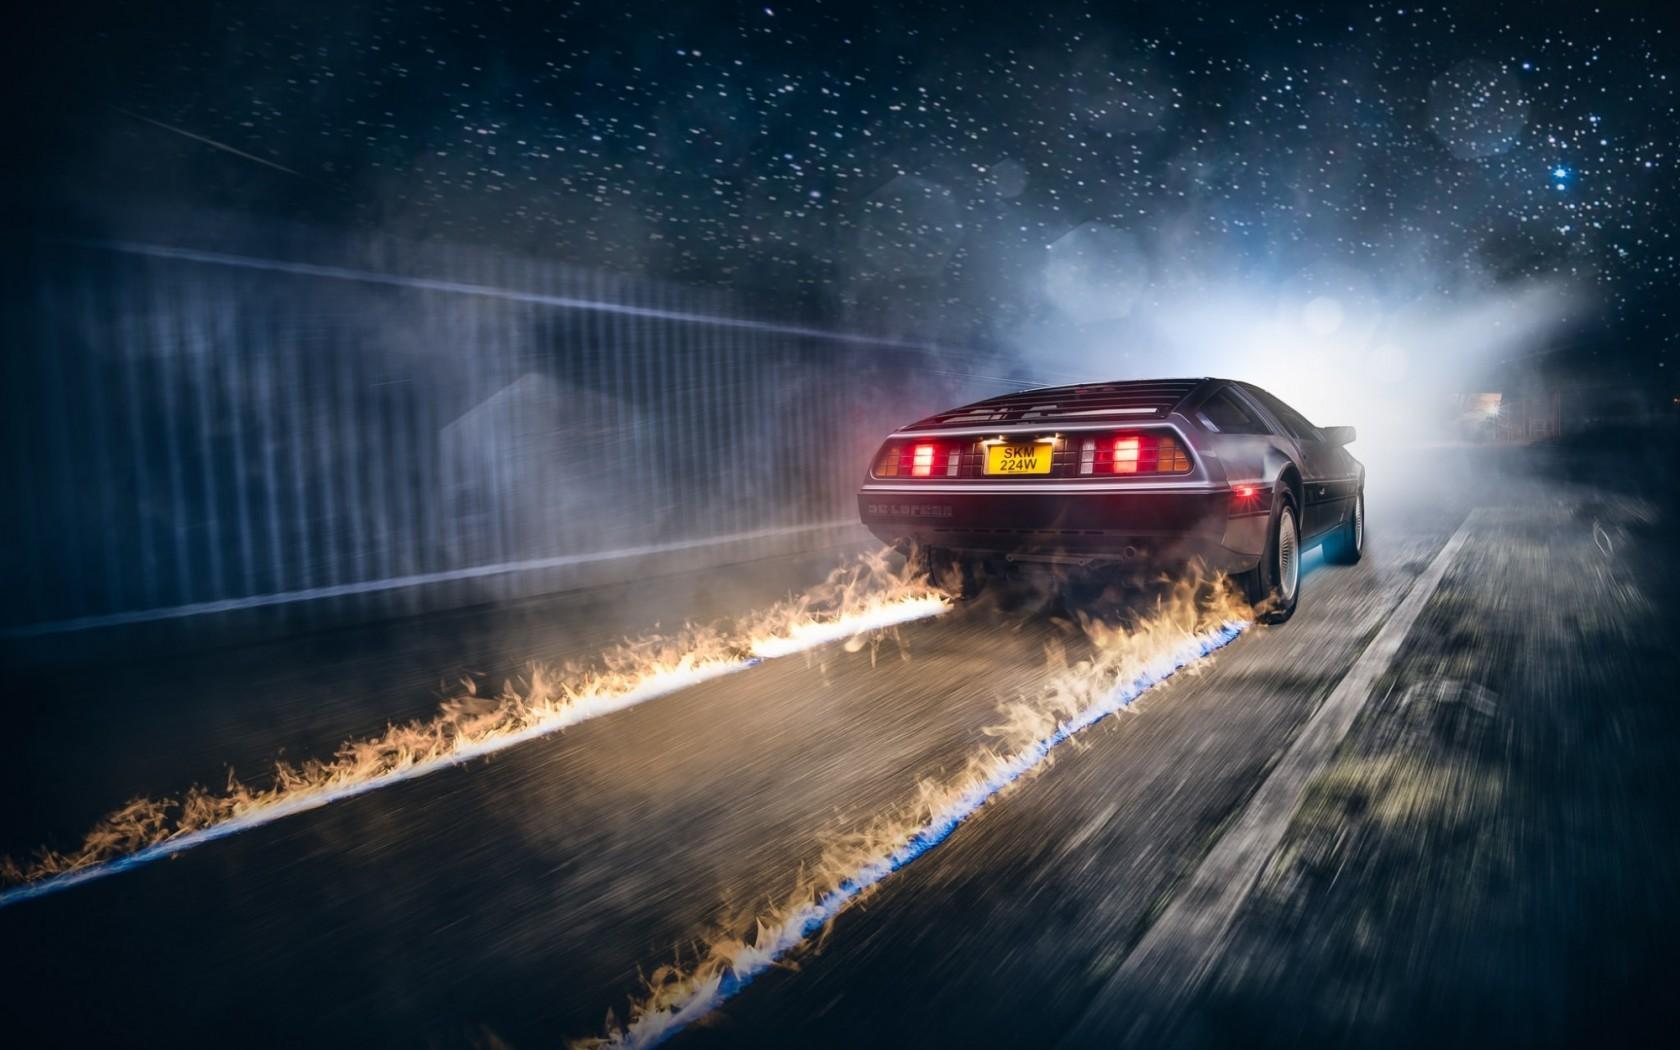 1680x1050 px artwork Back to the Future car DeLorean fire movies